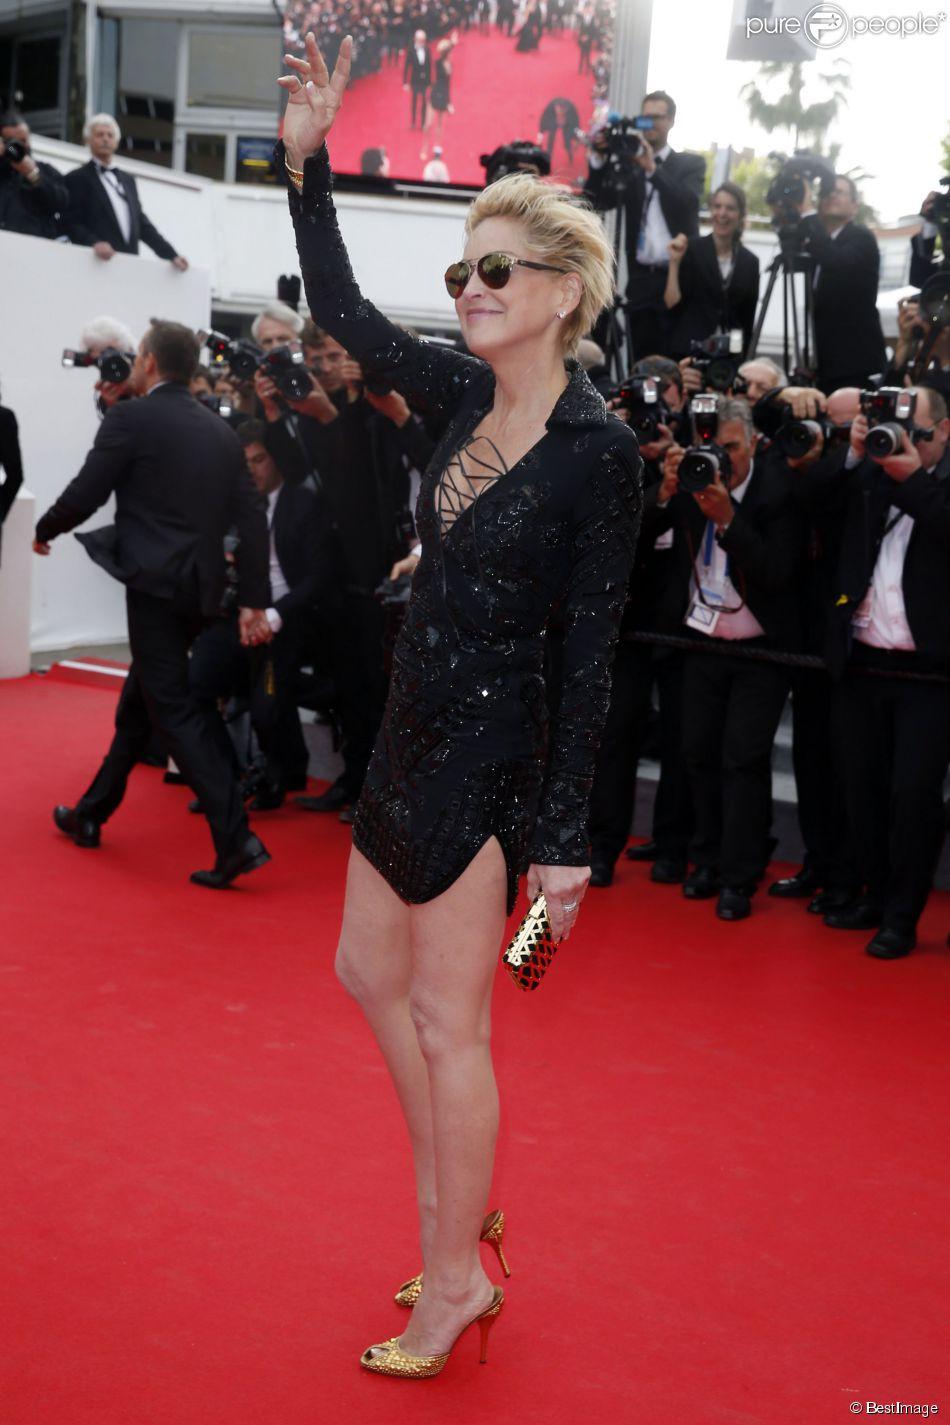 La femme fatale Sharon Stone (portant une robe Emilio Pucci), lors de la montée des marches du film The Search, au cours du Festival de Cannes le 21 mai 2014